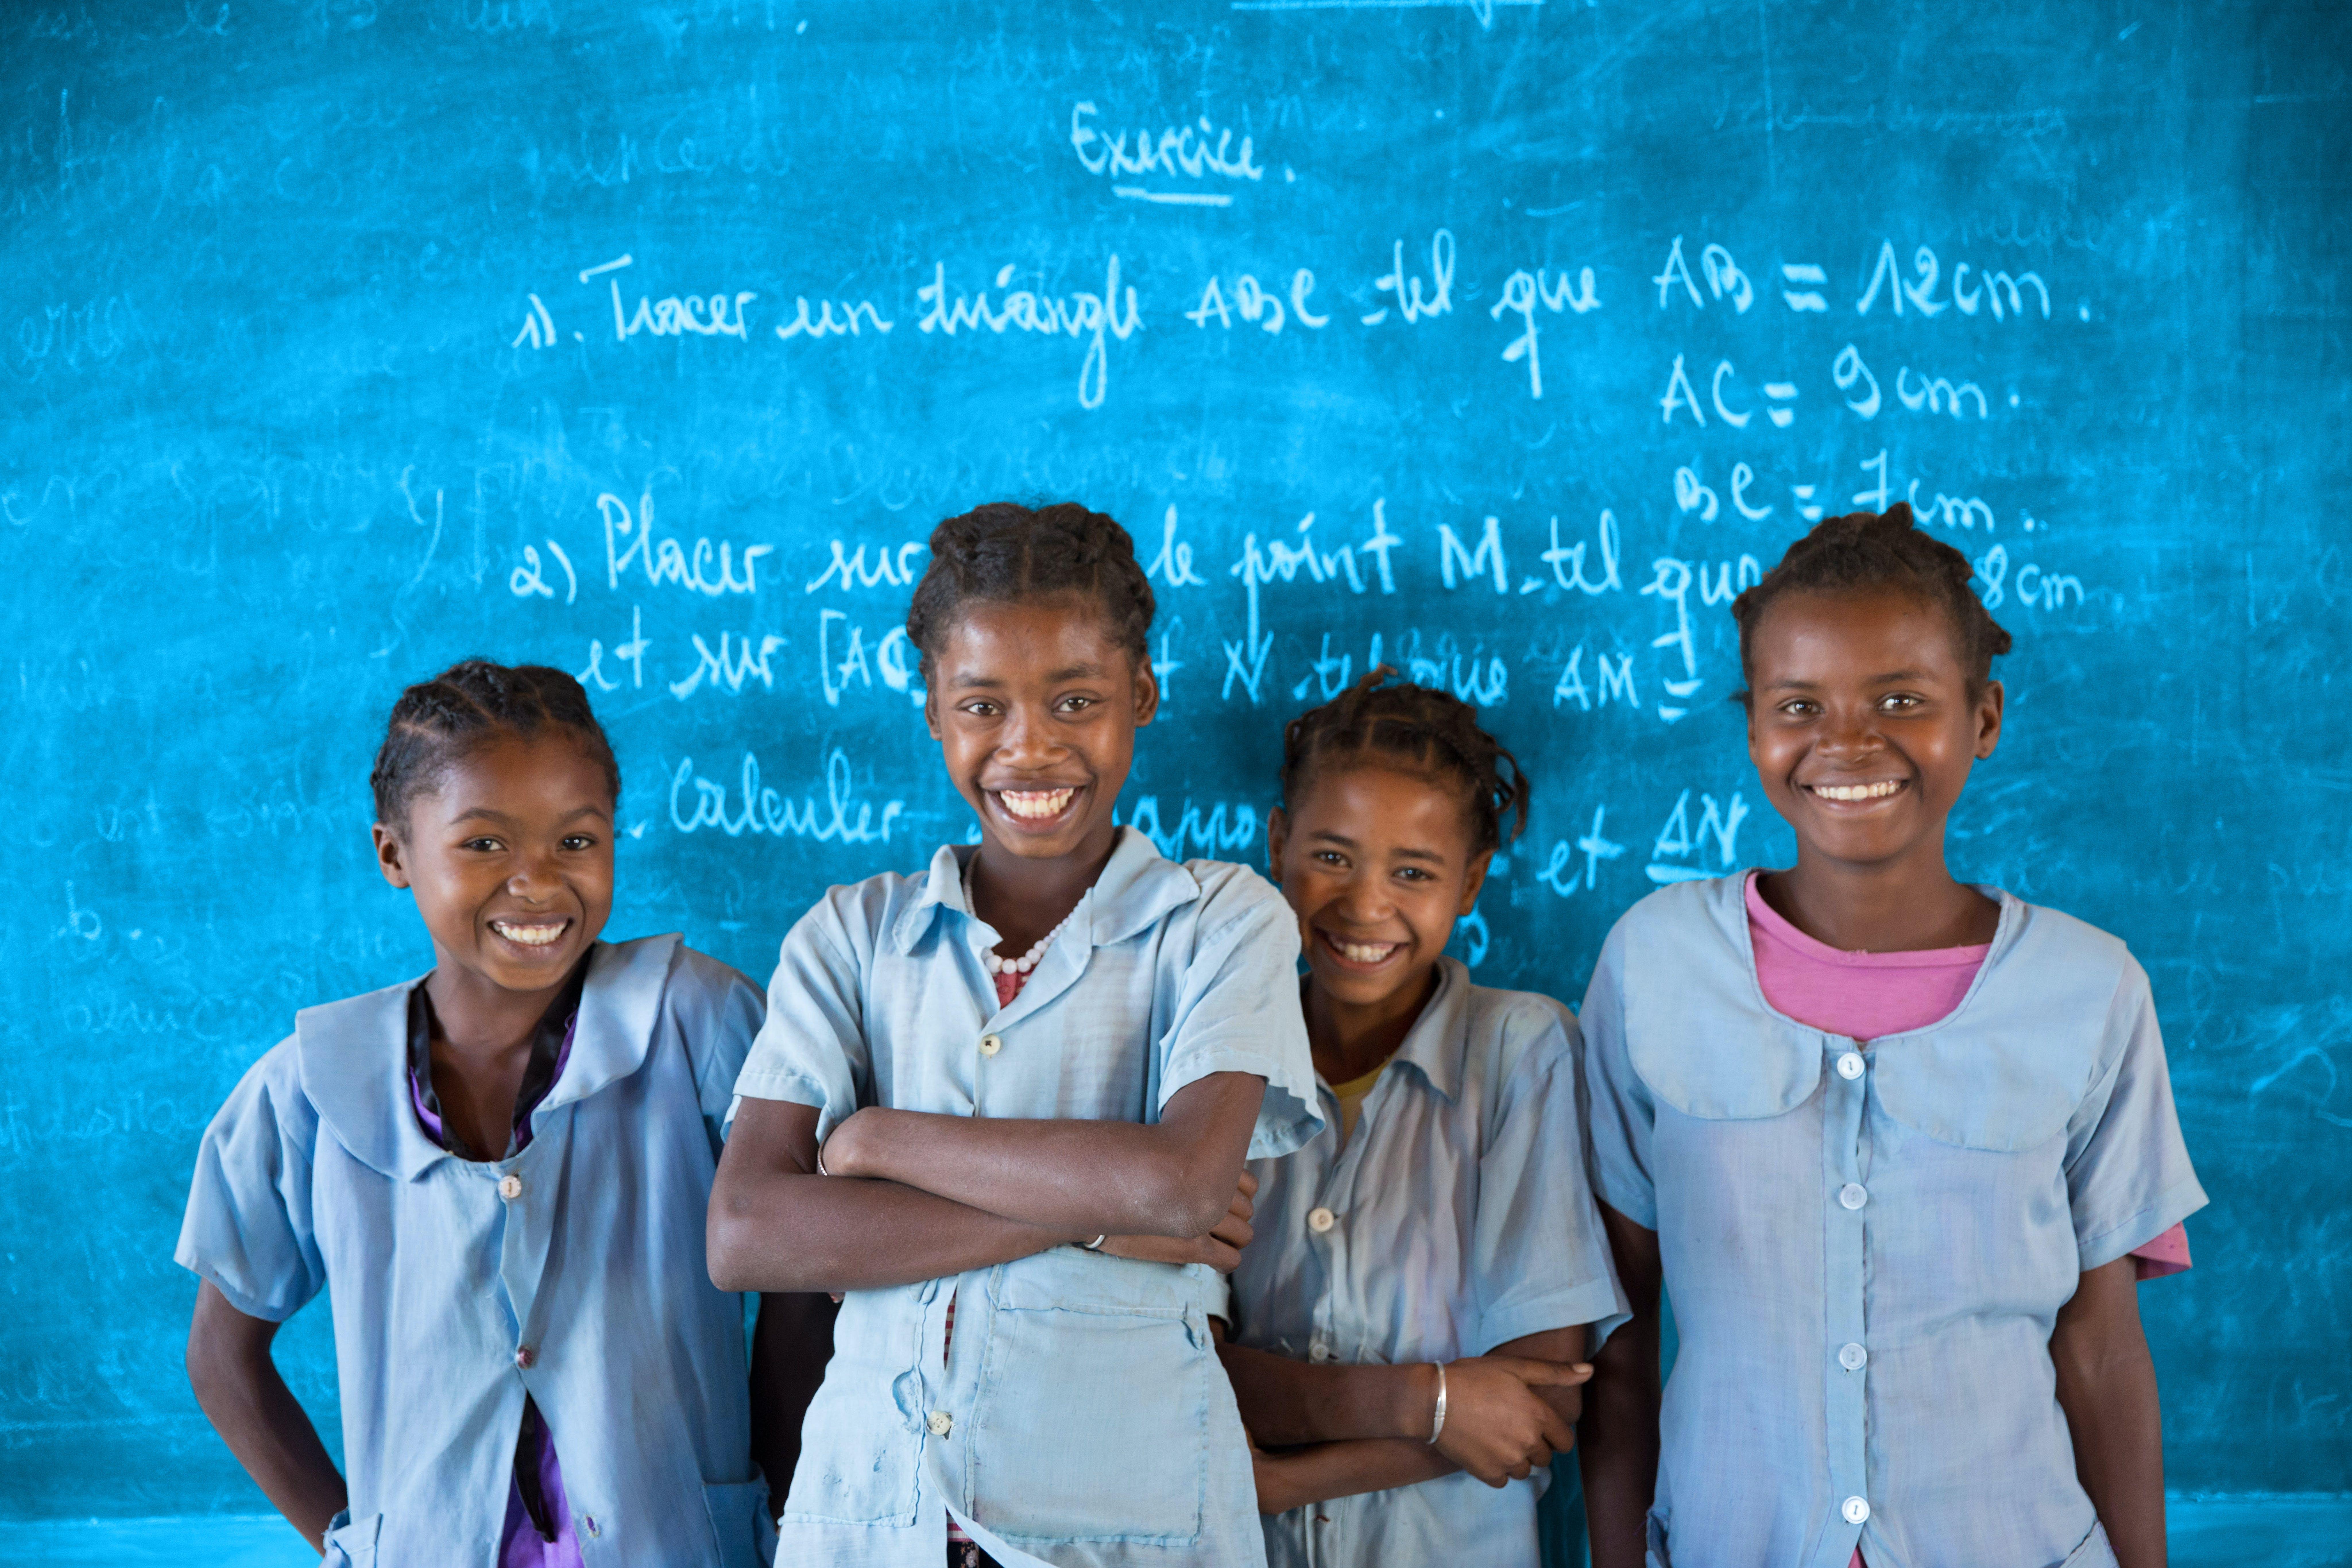 Bambini a scuola sorridono davanti alla lavagna